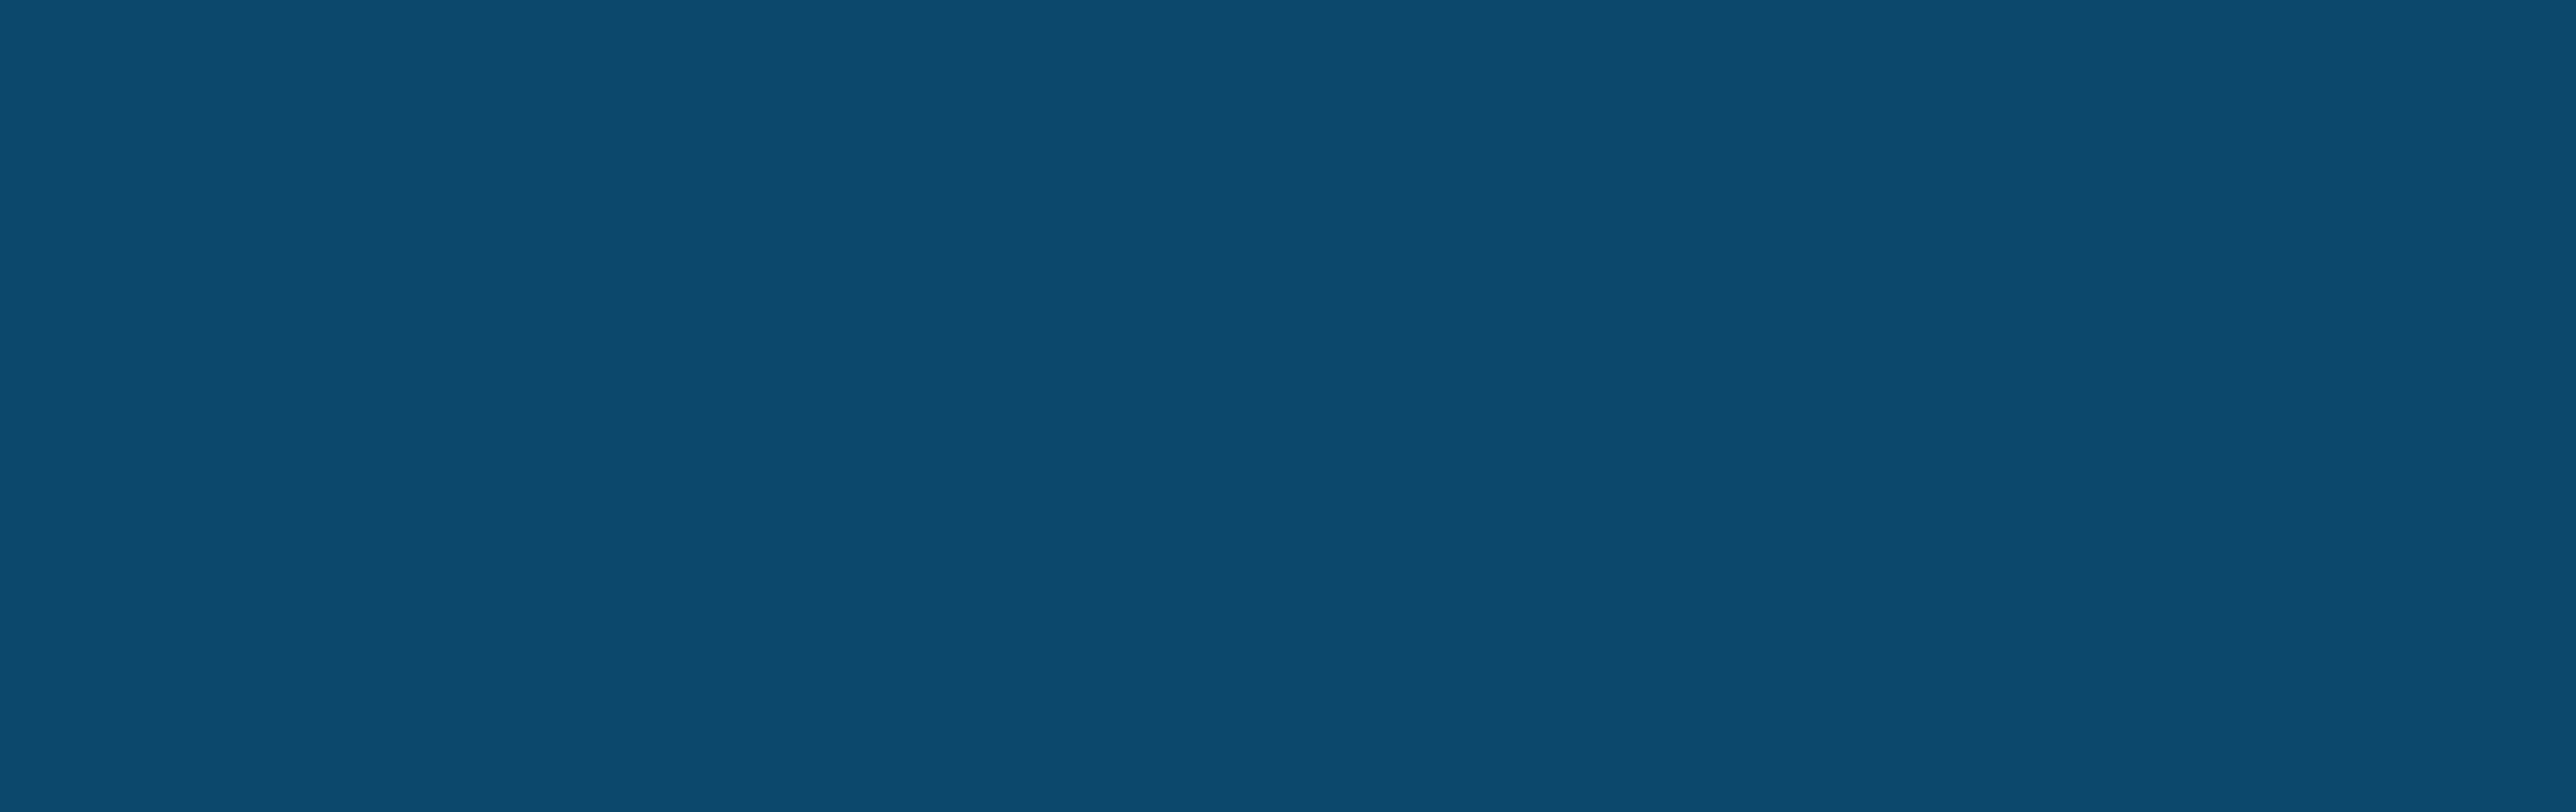 CallRail_Logo_Blue